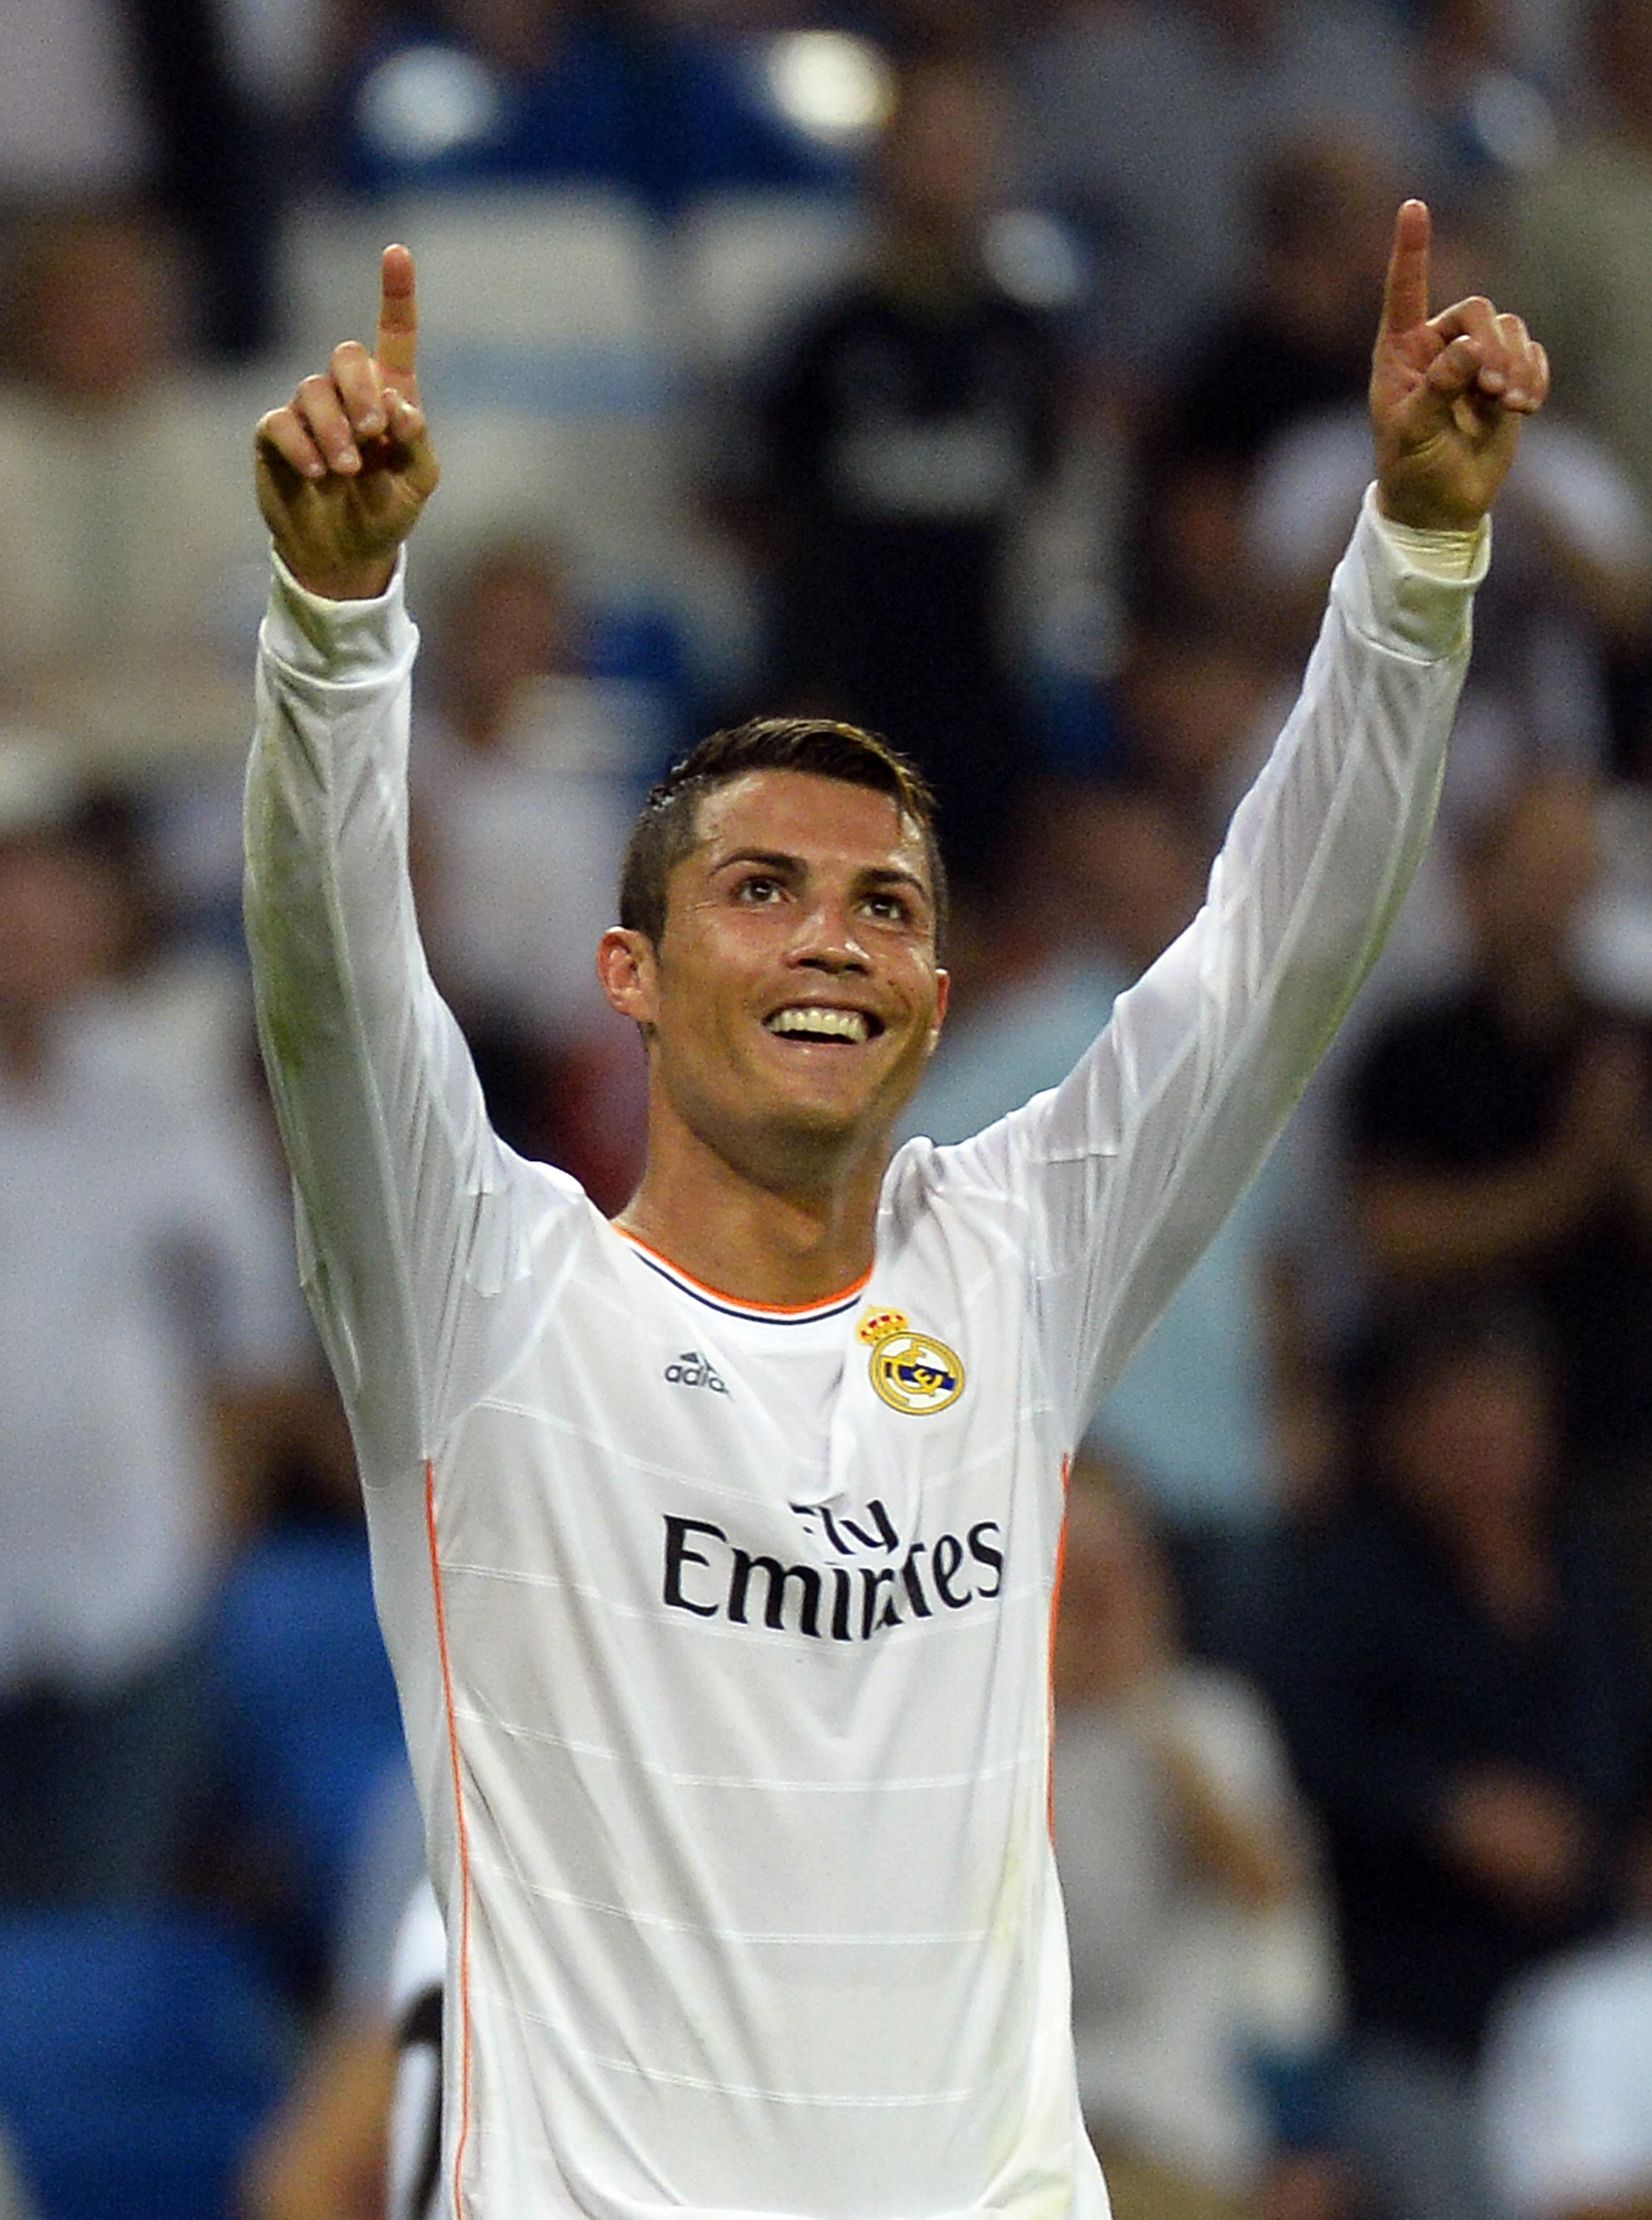 Doblete de Cristiano Ronaldo que supera a Hugo Sánchez